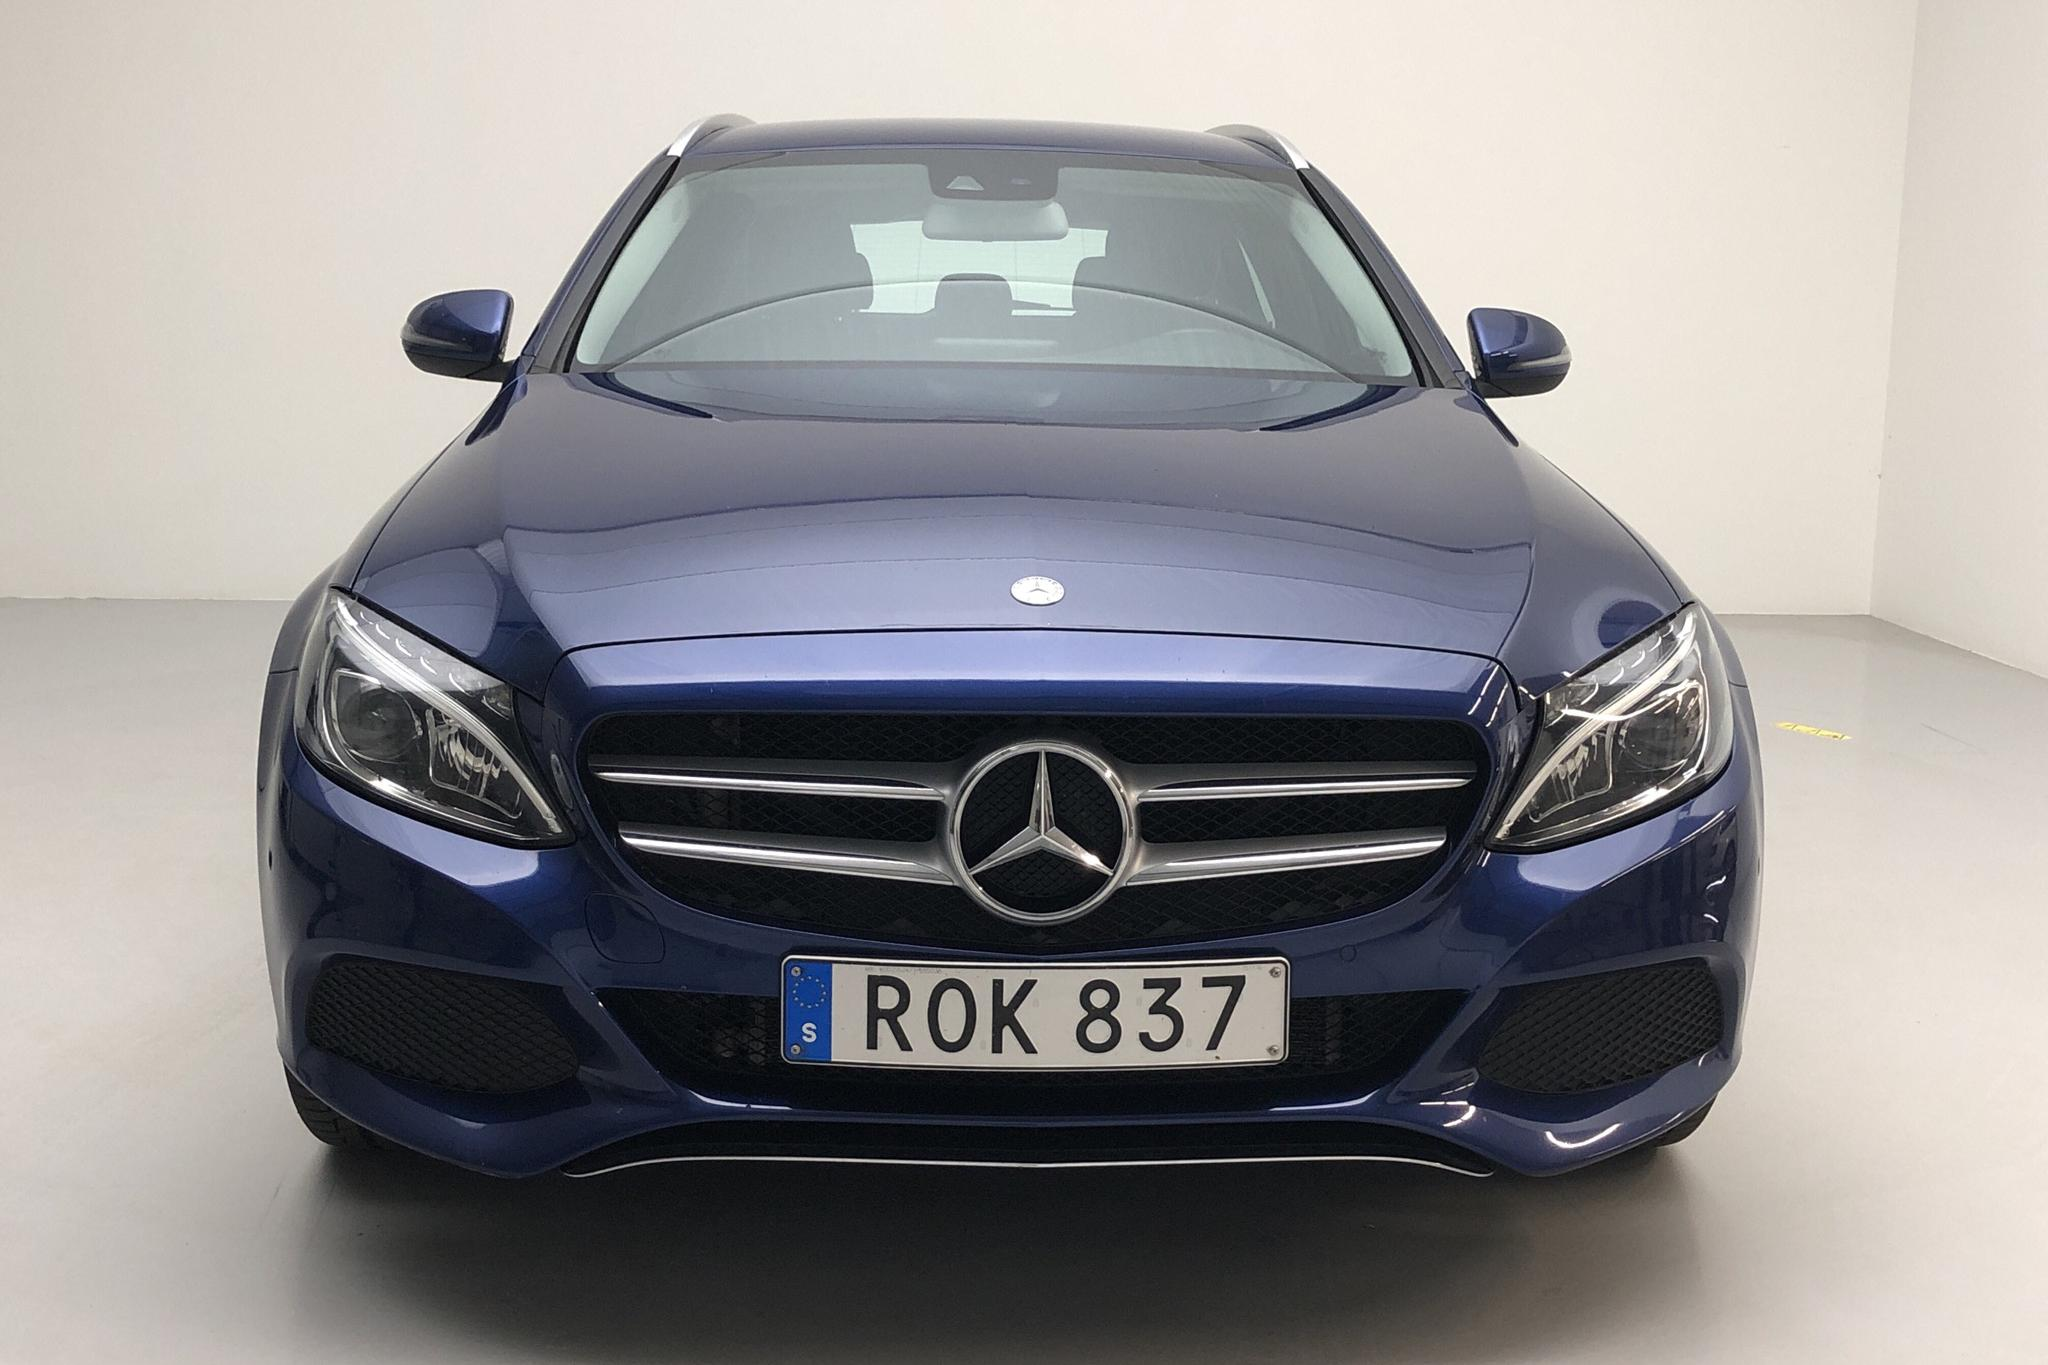 Mercedes C 350 e Kombi S205 (211hk) - 12 808 mil - Automat - blå - 2016